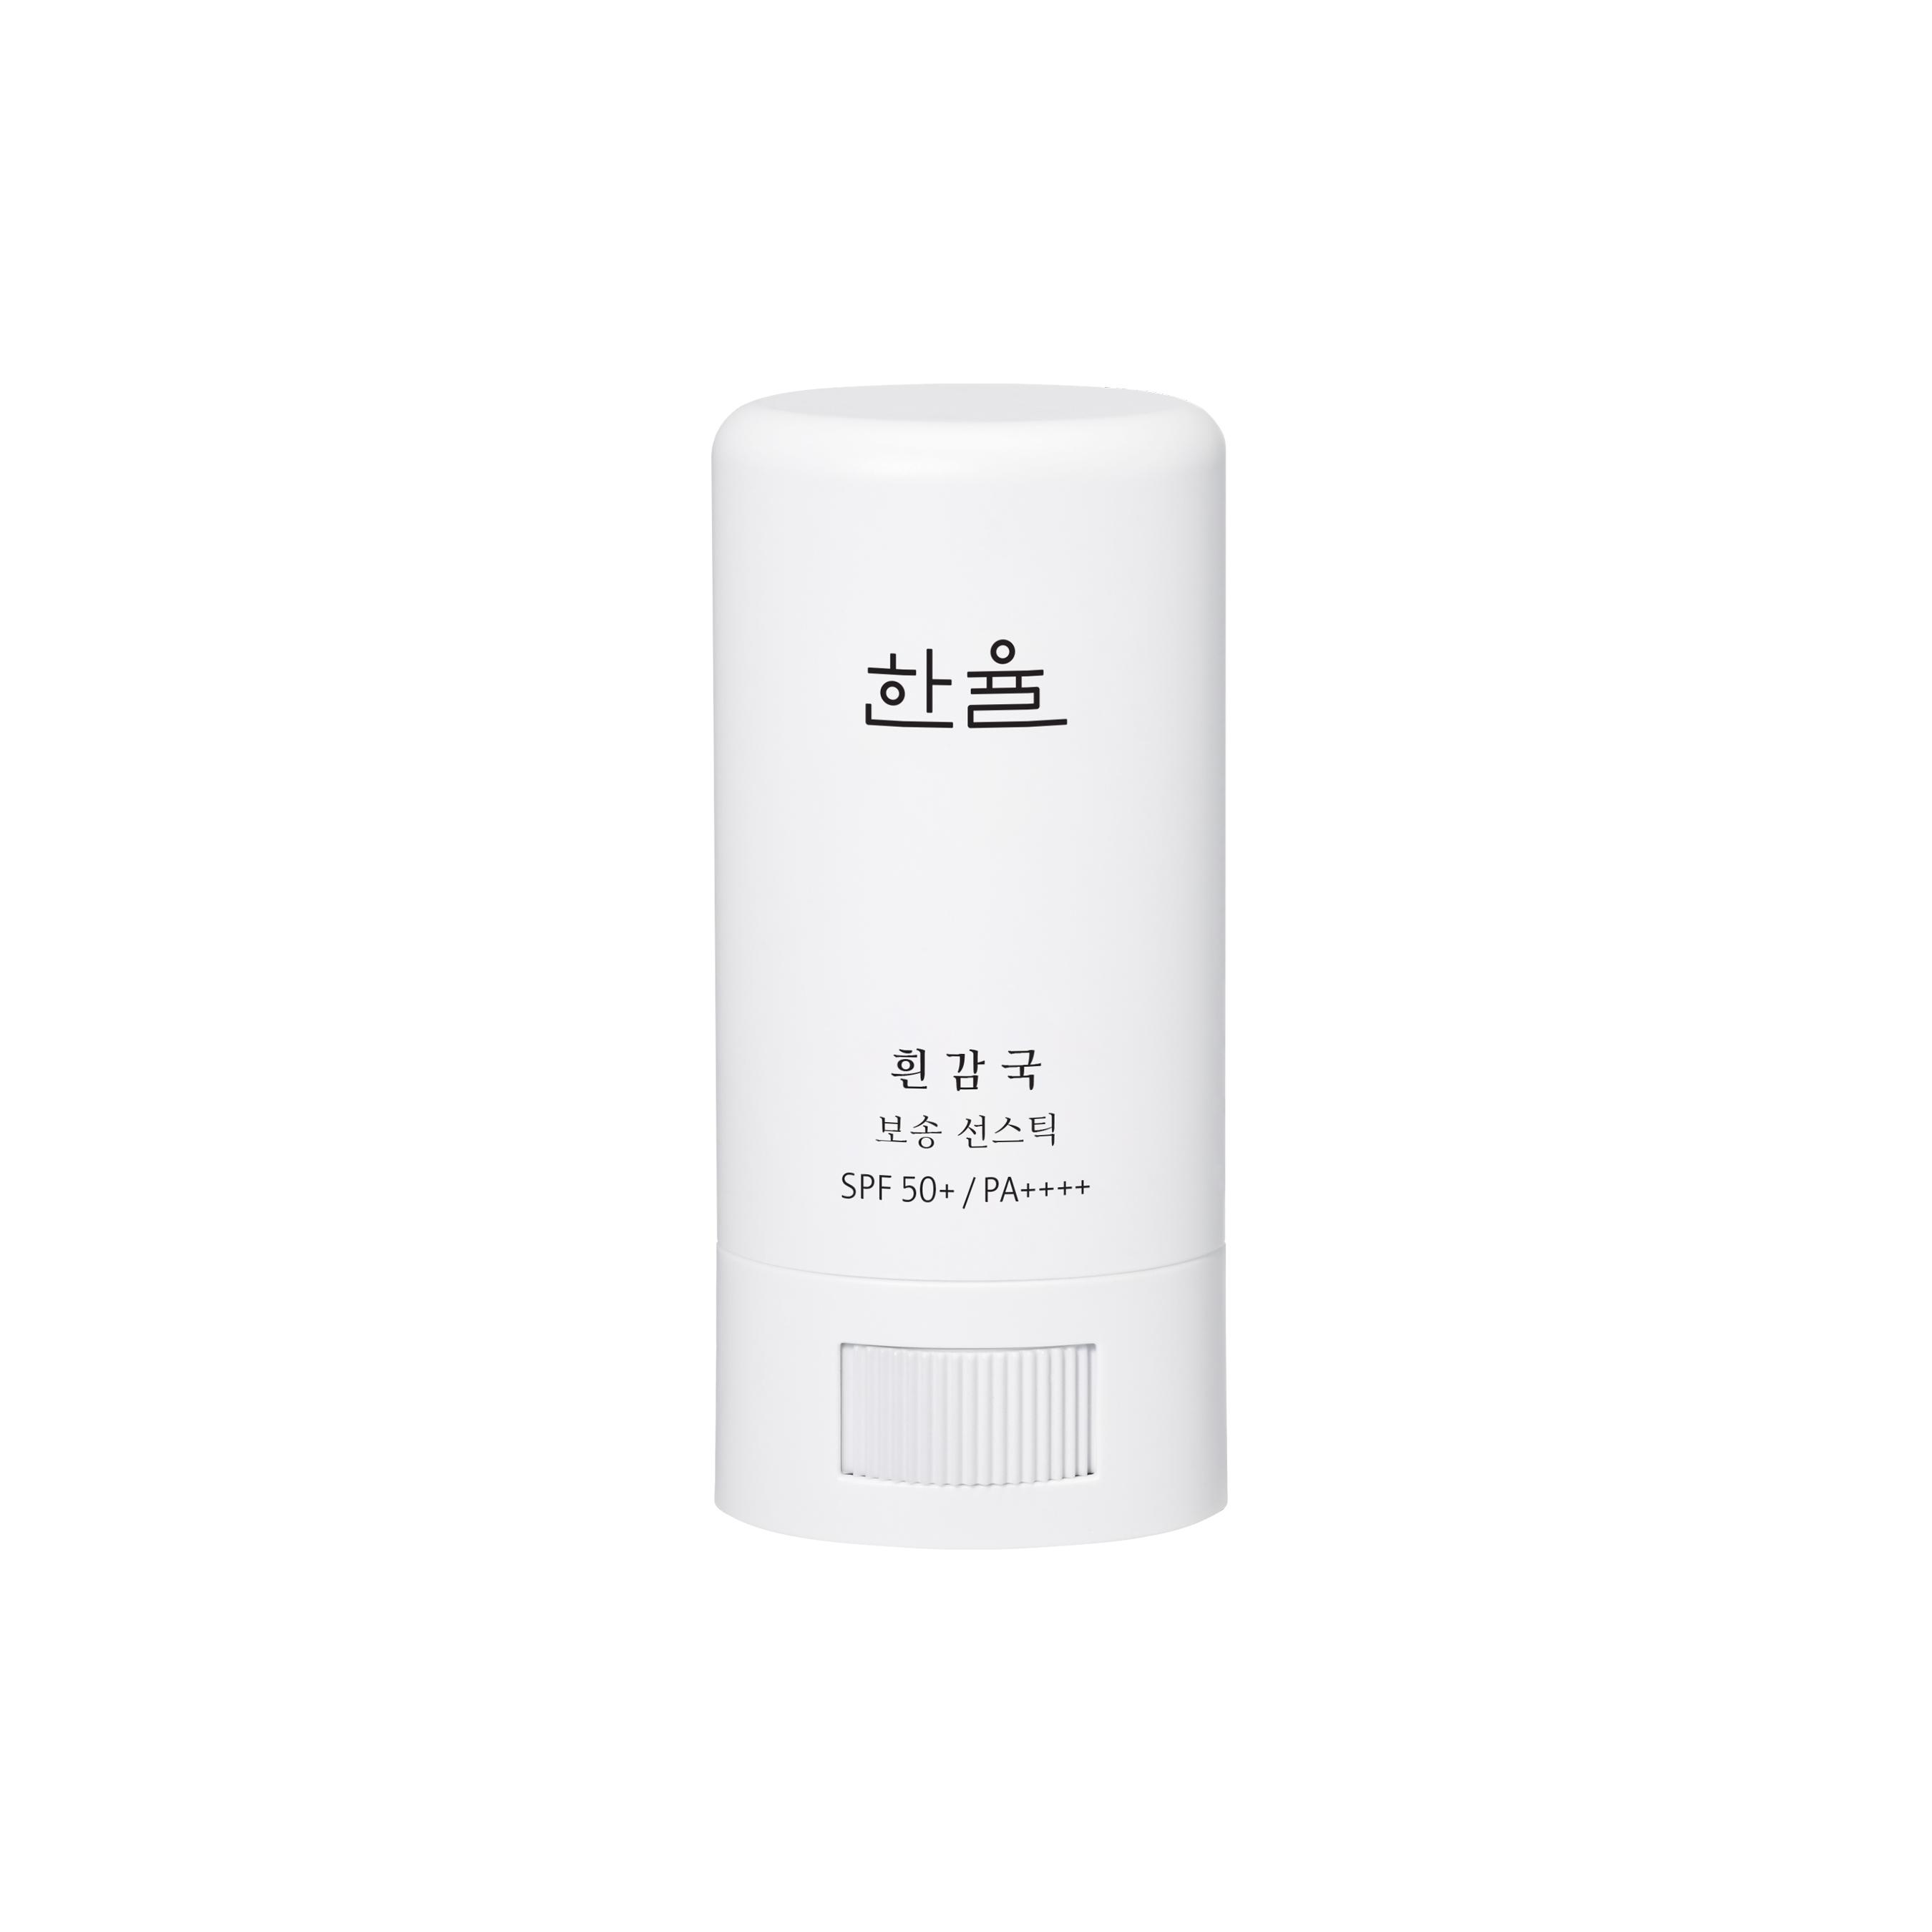 한율 흰감국 보송 선스틱 SPF50+ PA++++ 17g, 1세트-26-82910791